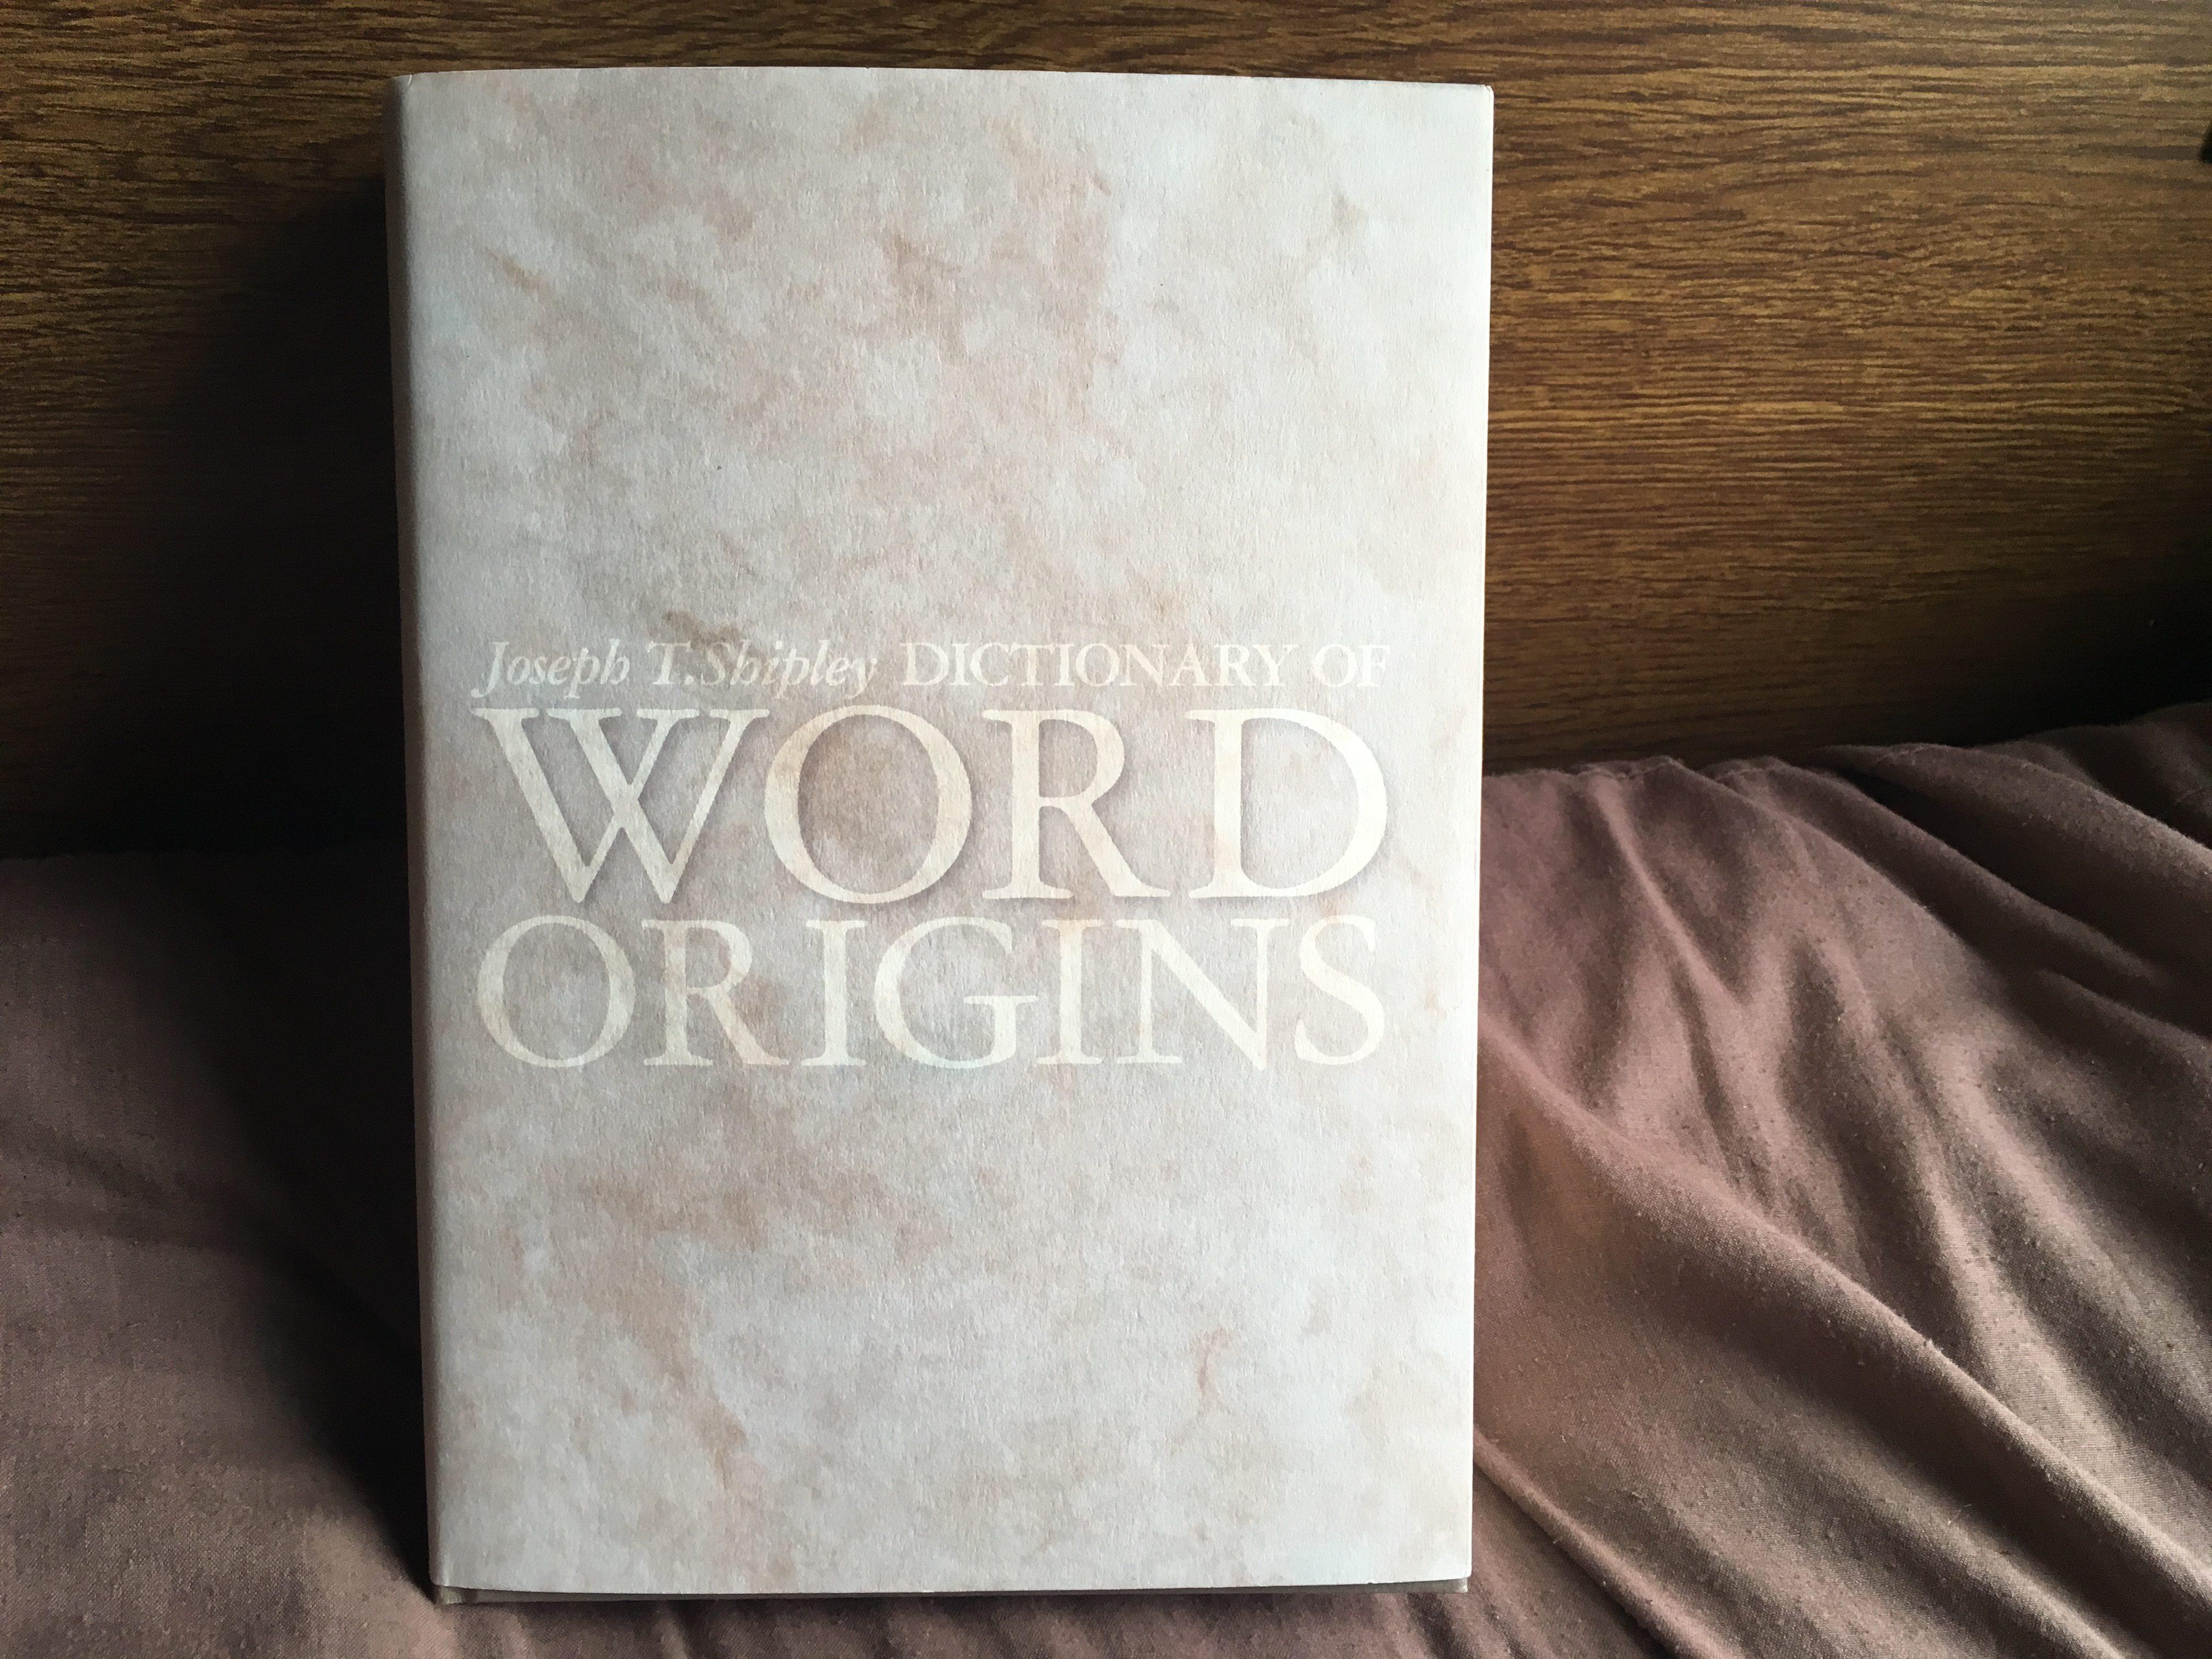 【哲学者オススメ】英語の語源を知りたいなら、この本がベスト!